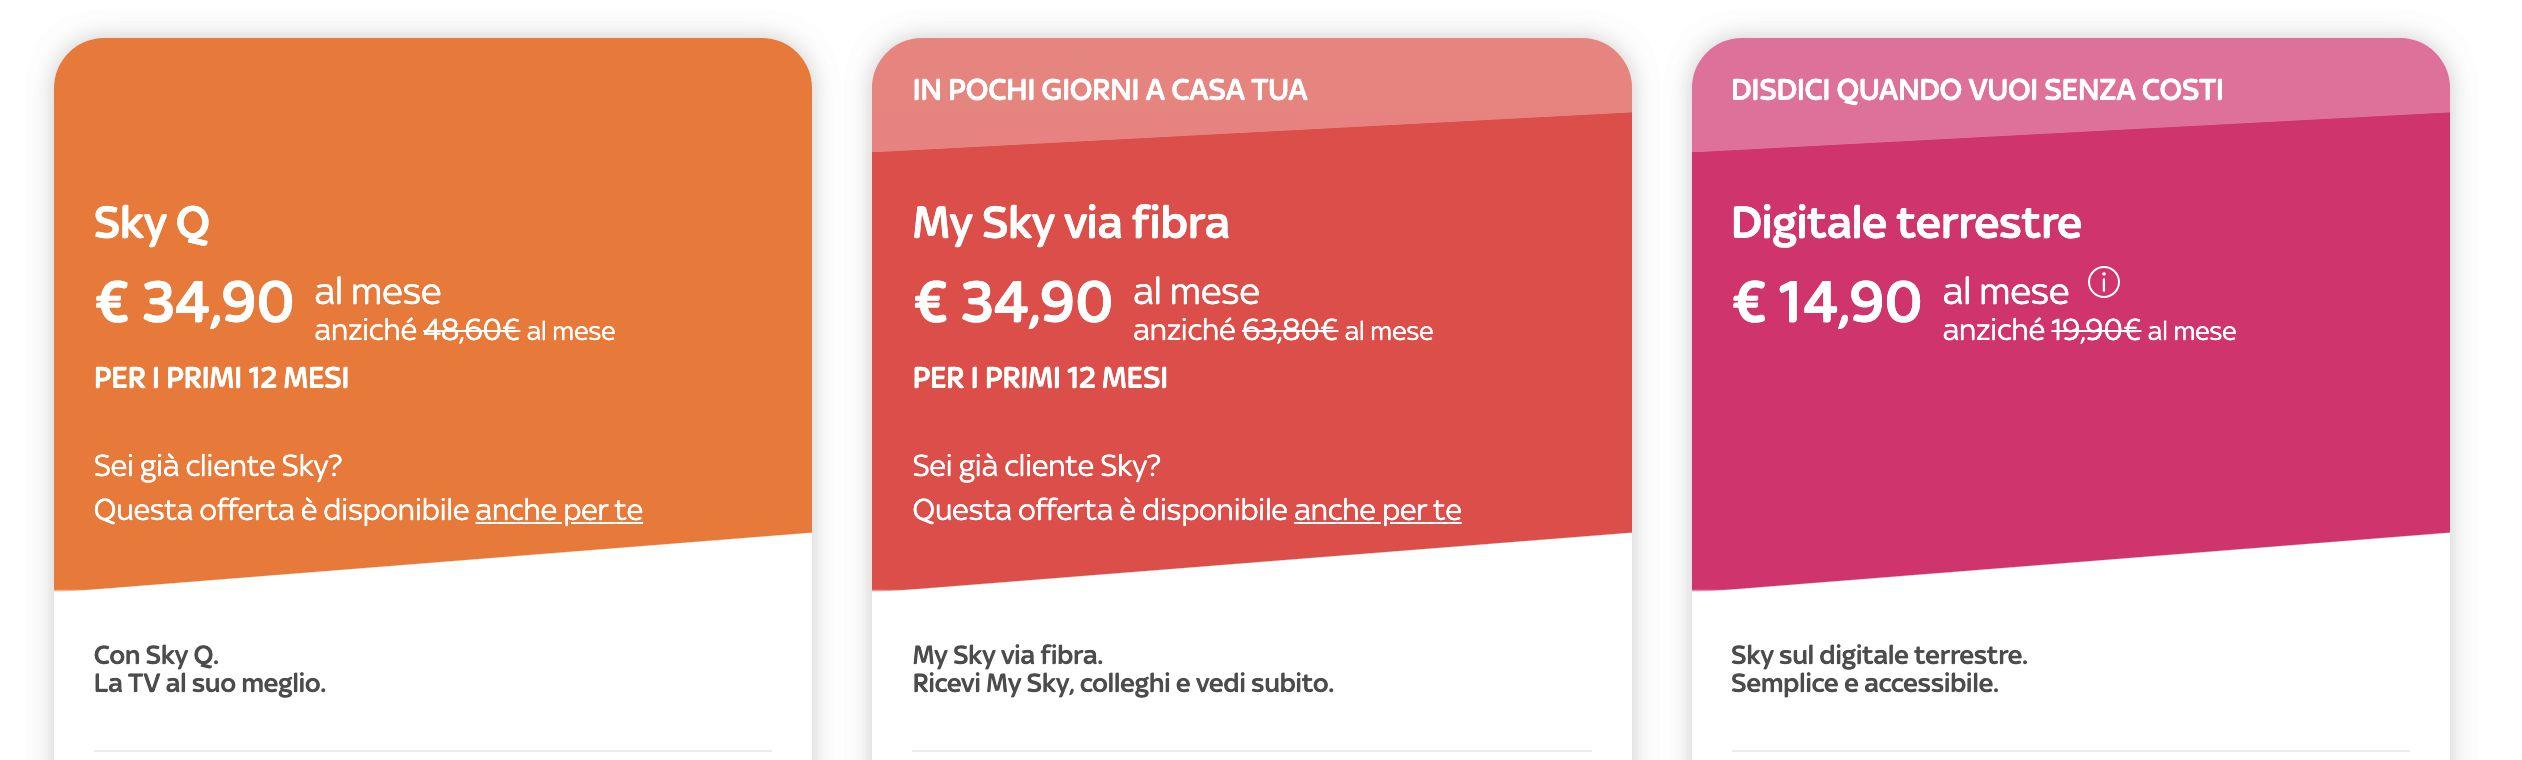 Le Offerte Di Sky E I Vari Pacchetti Disponibili Marzo 2019